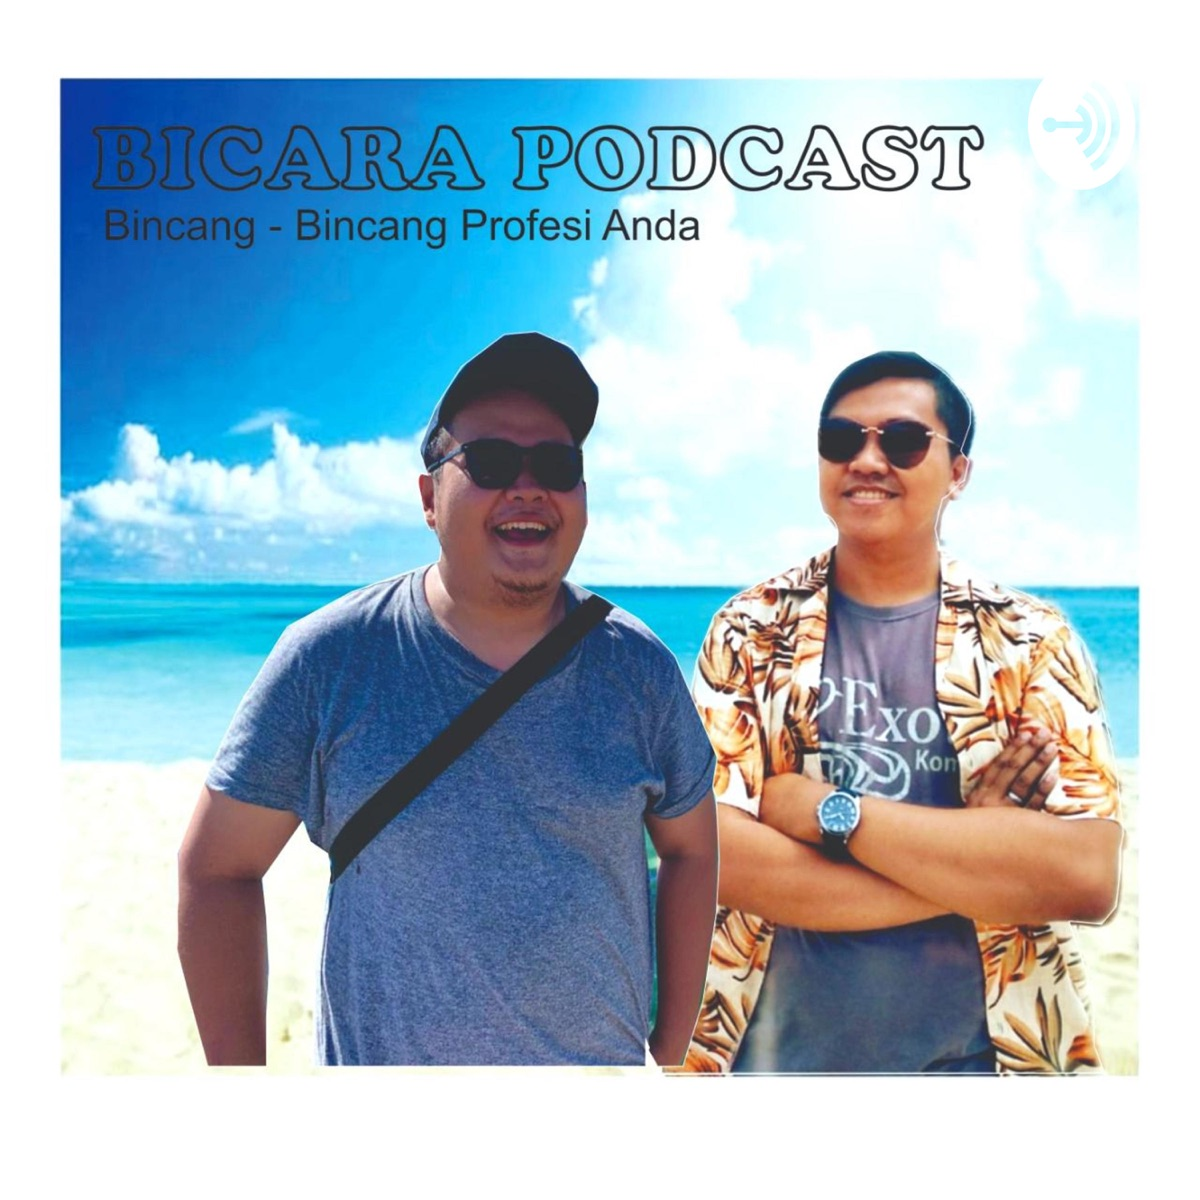 Bicara Podcast